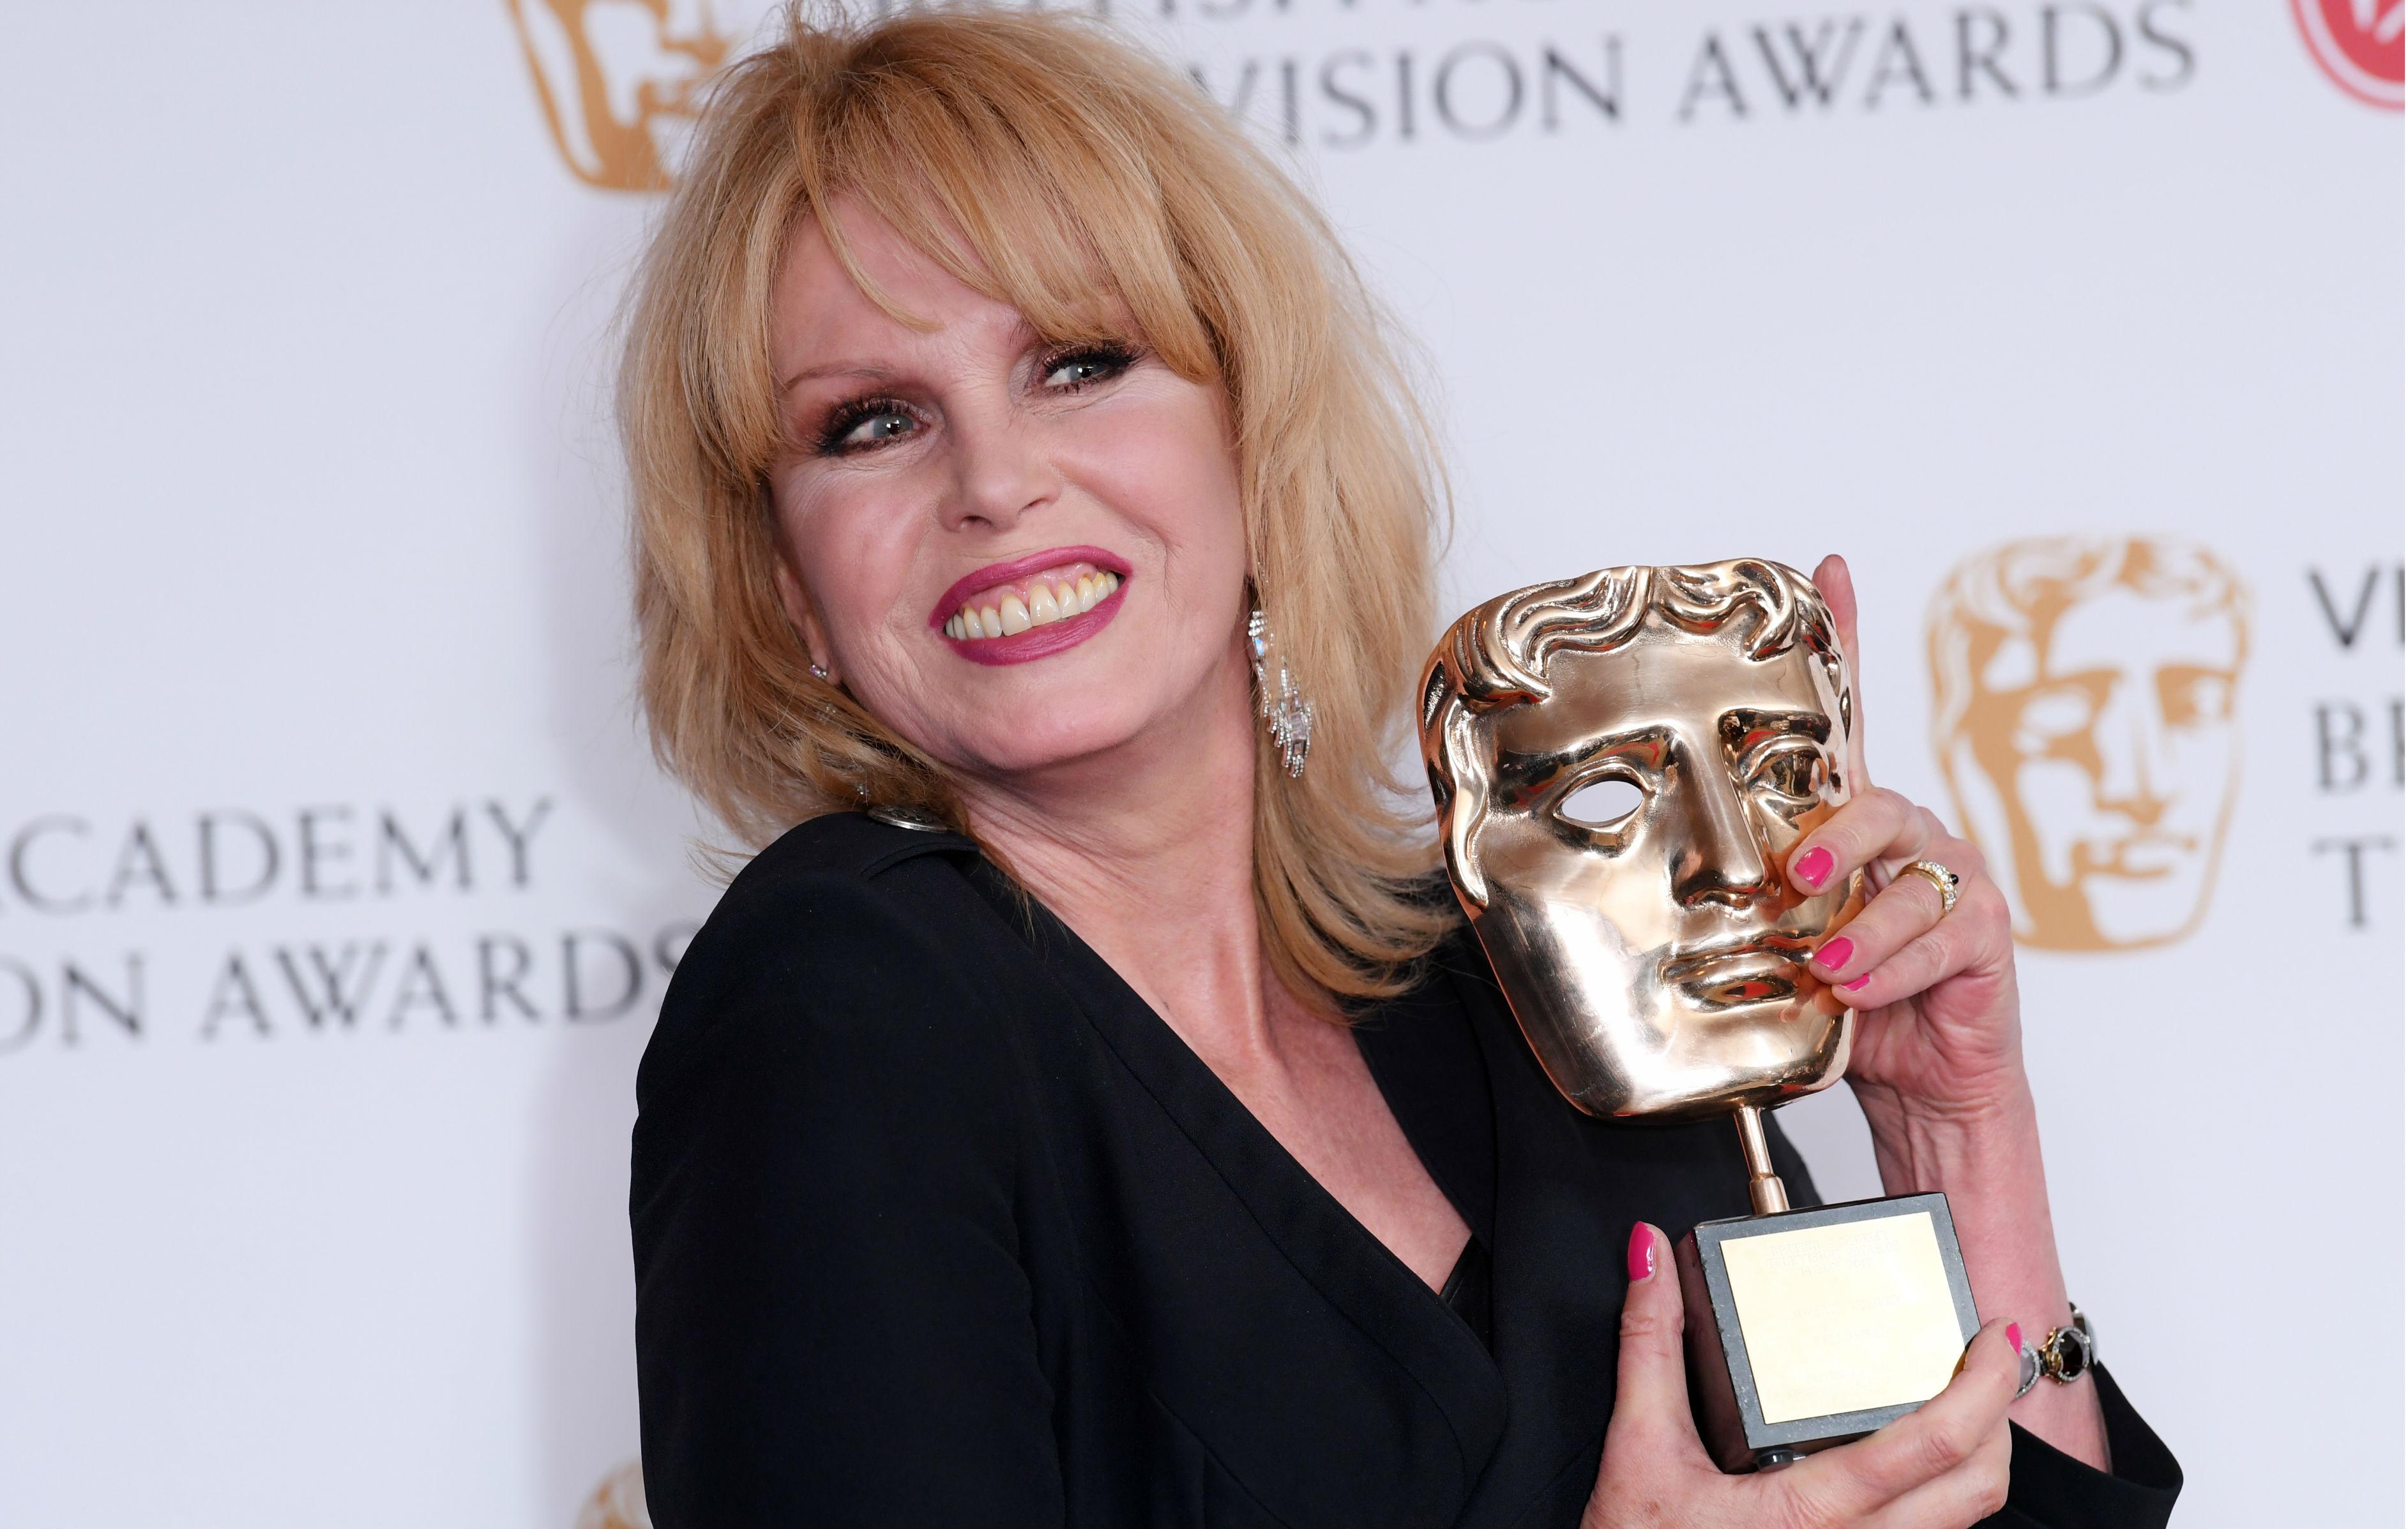 Joanna Lumley, BAFTA fellowship award